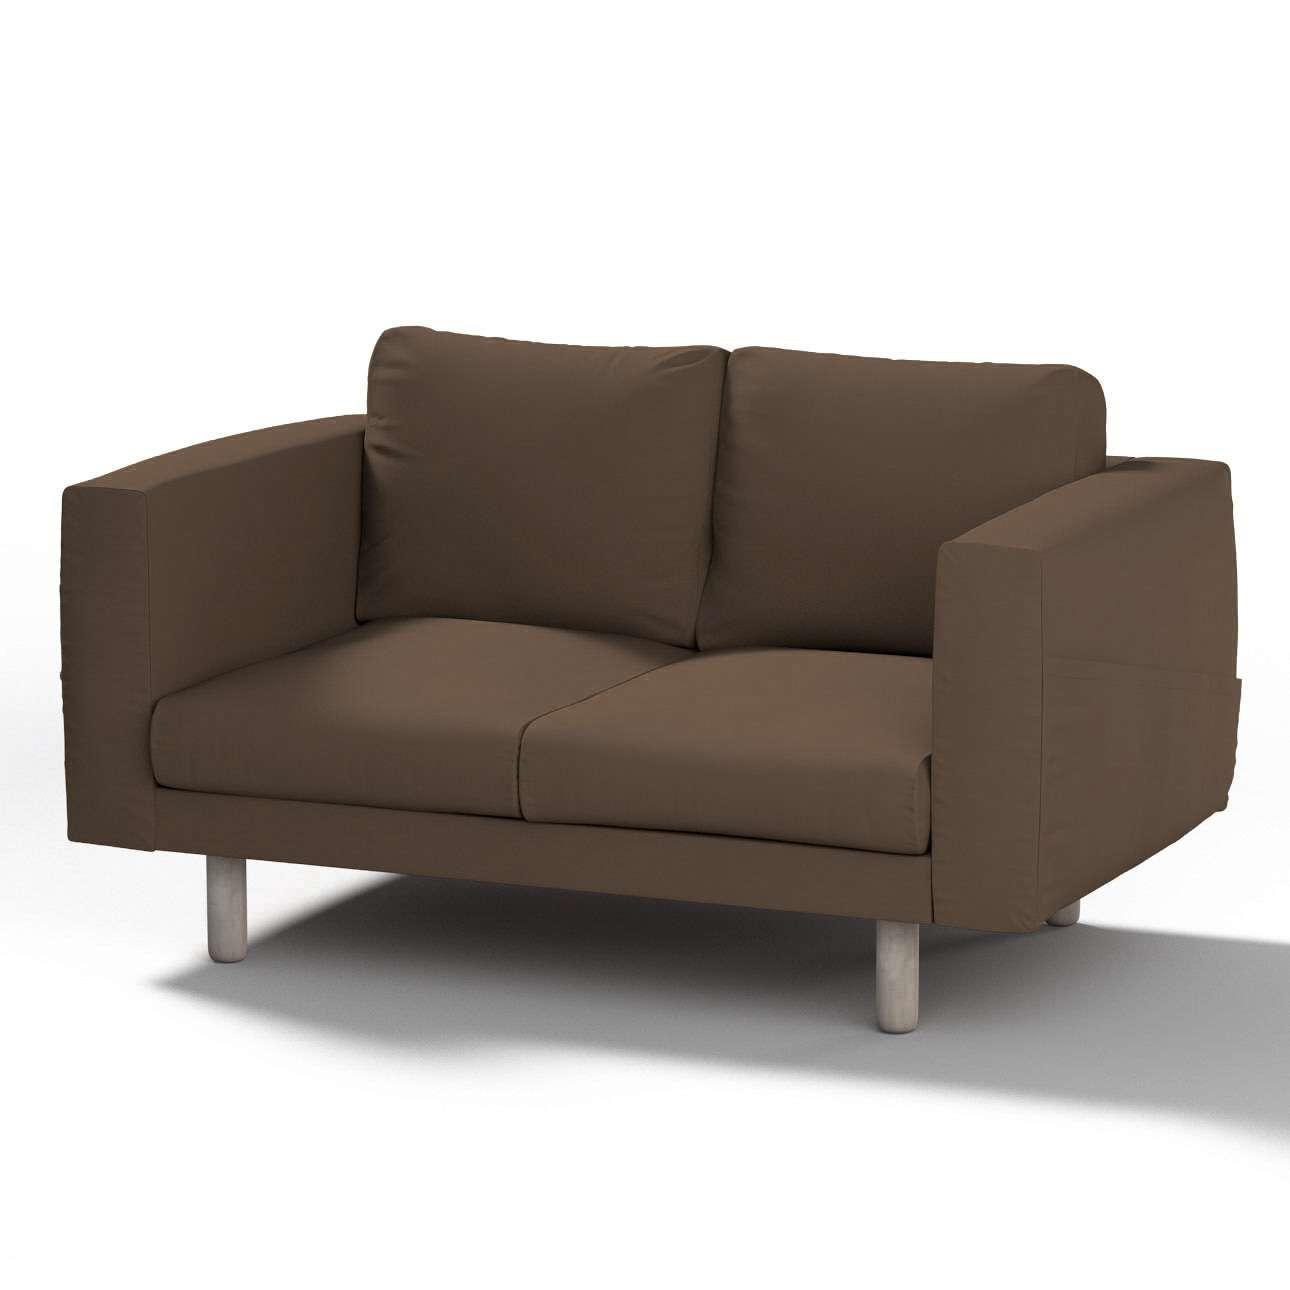 Pokrowiec na sofę Norsborg 2-osobową w kolekcji Cotton Panama, tkanina: 702-02